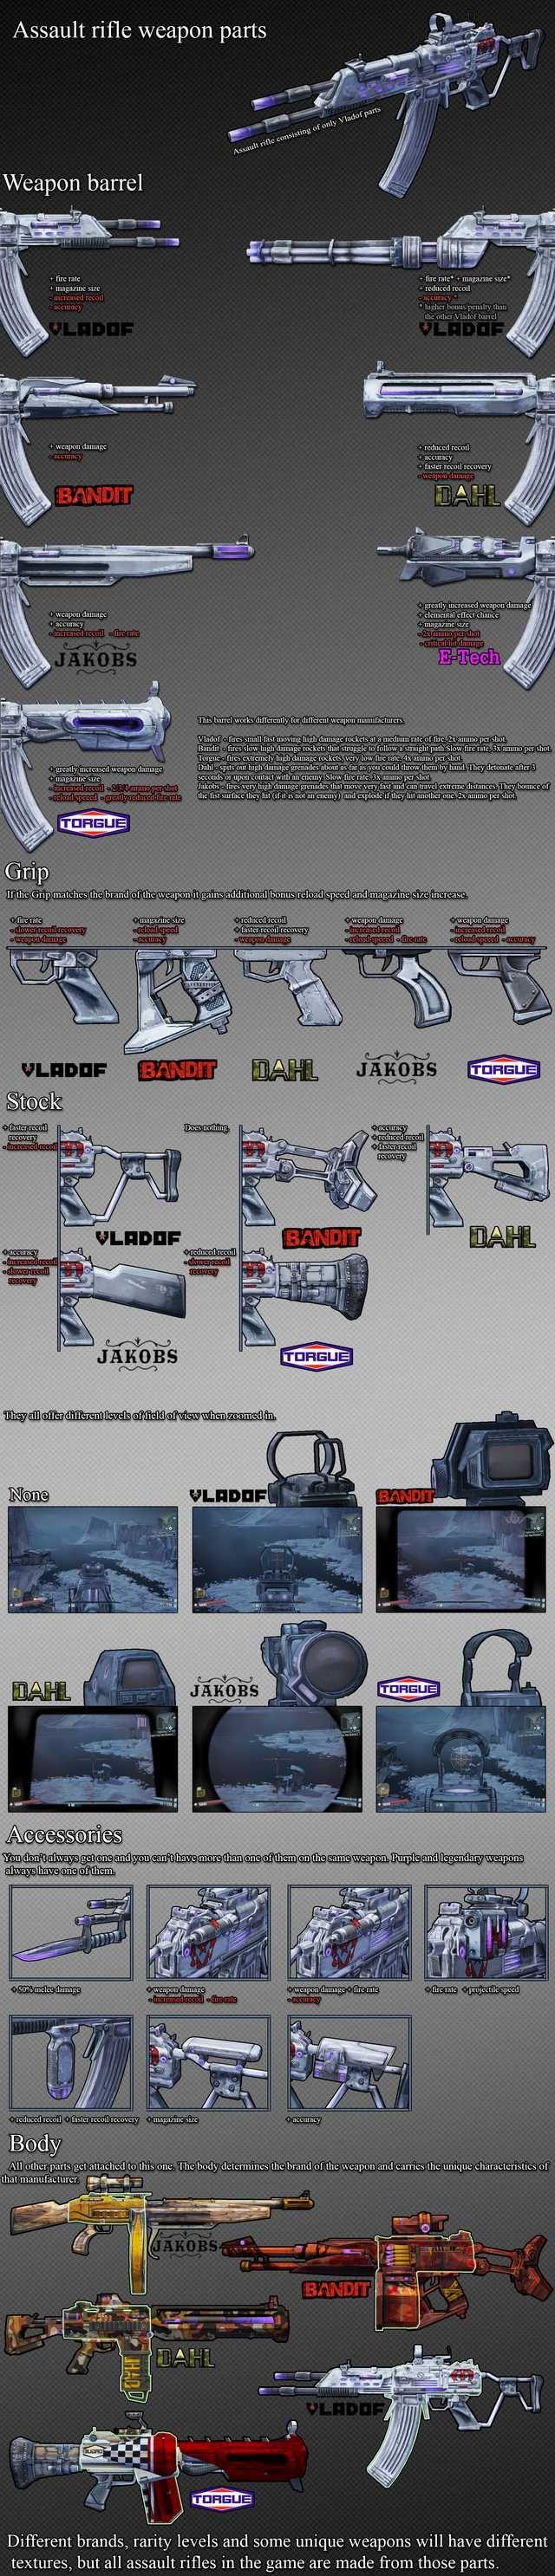 Comprehensive Guide to Borderlands 2 Weapon Parts | Borderlands 2